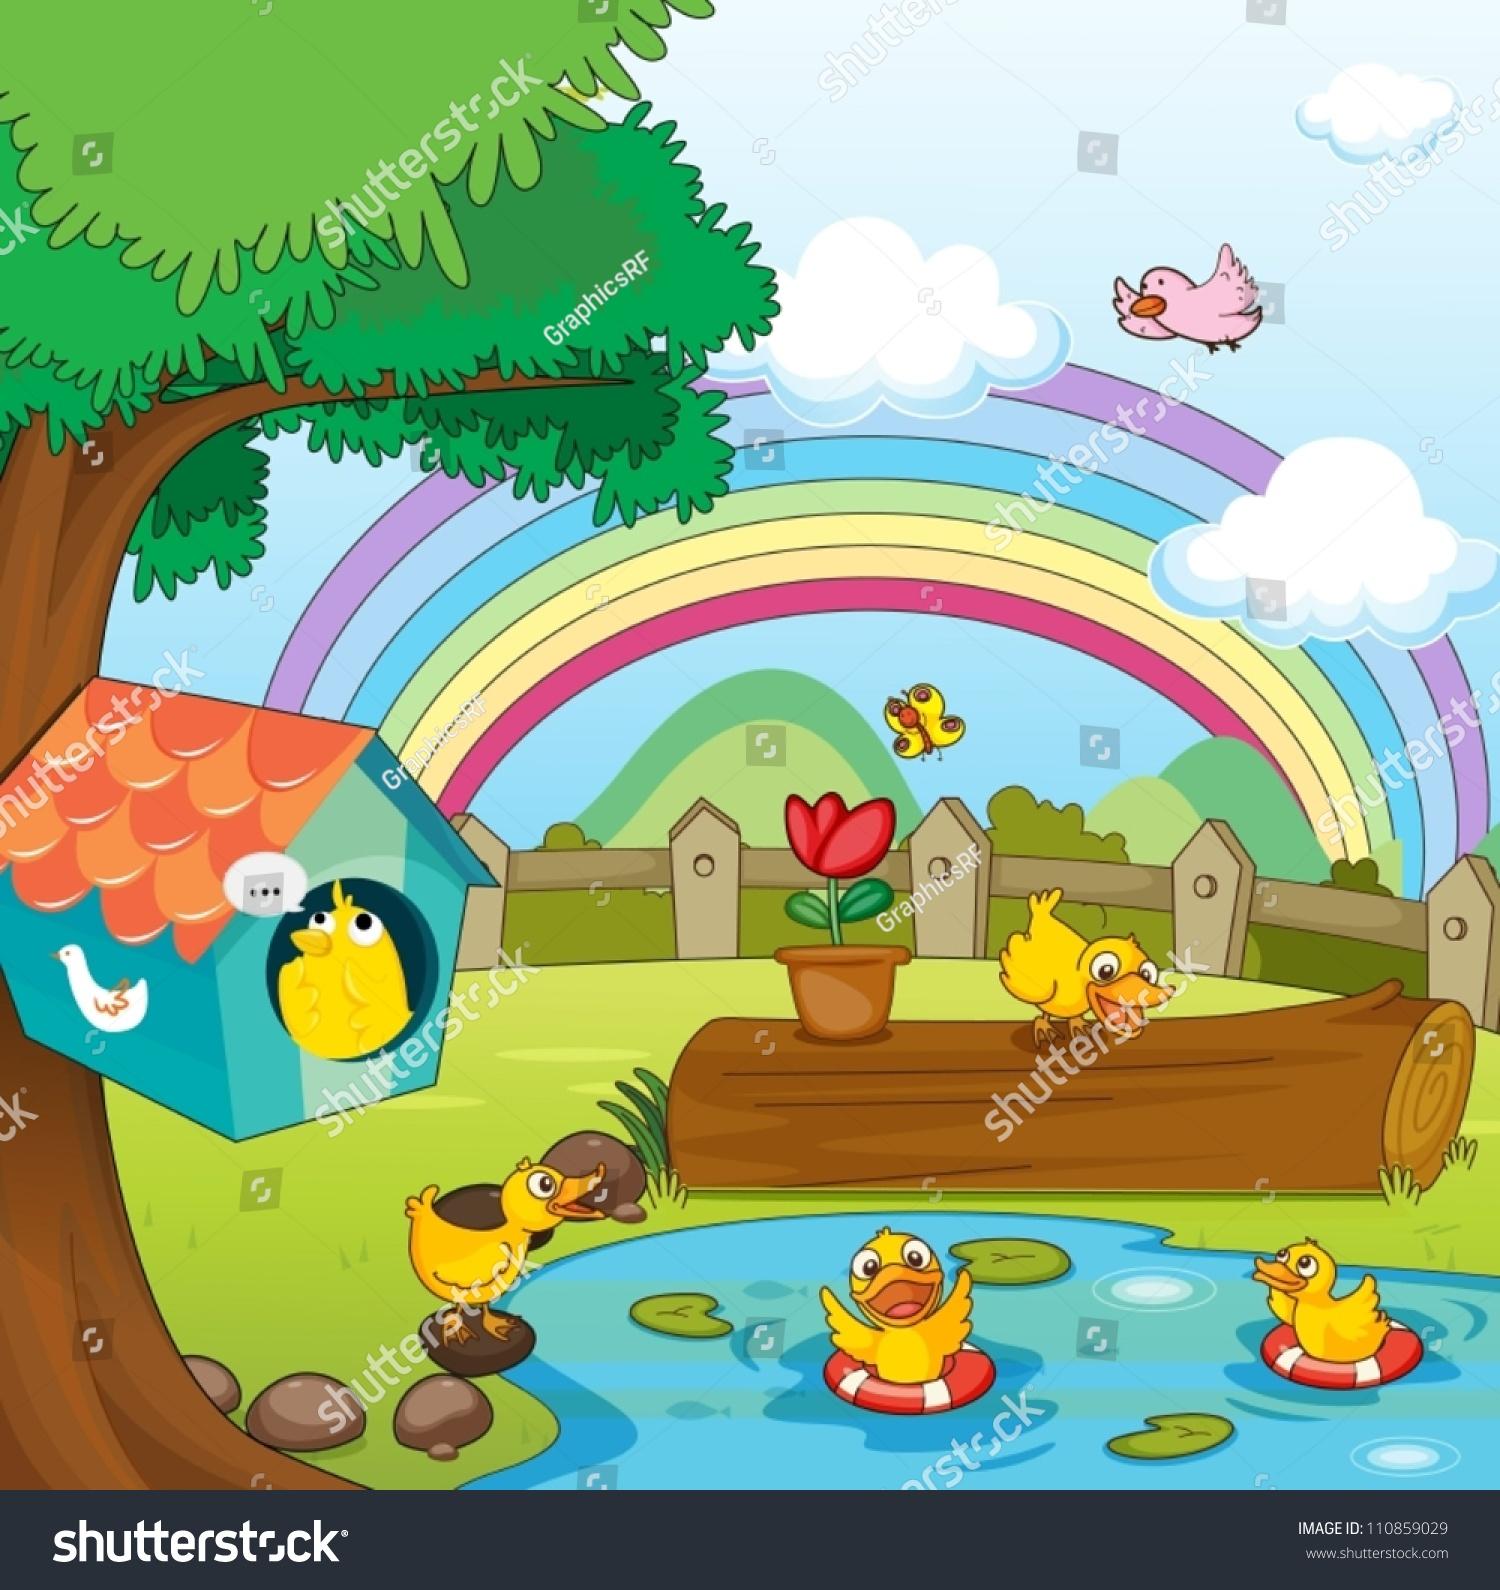 Beautiful garden cartoon - Illustration Of Birds In Beautiful Garden And Rainbow